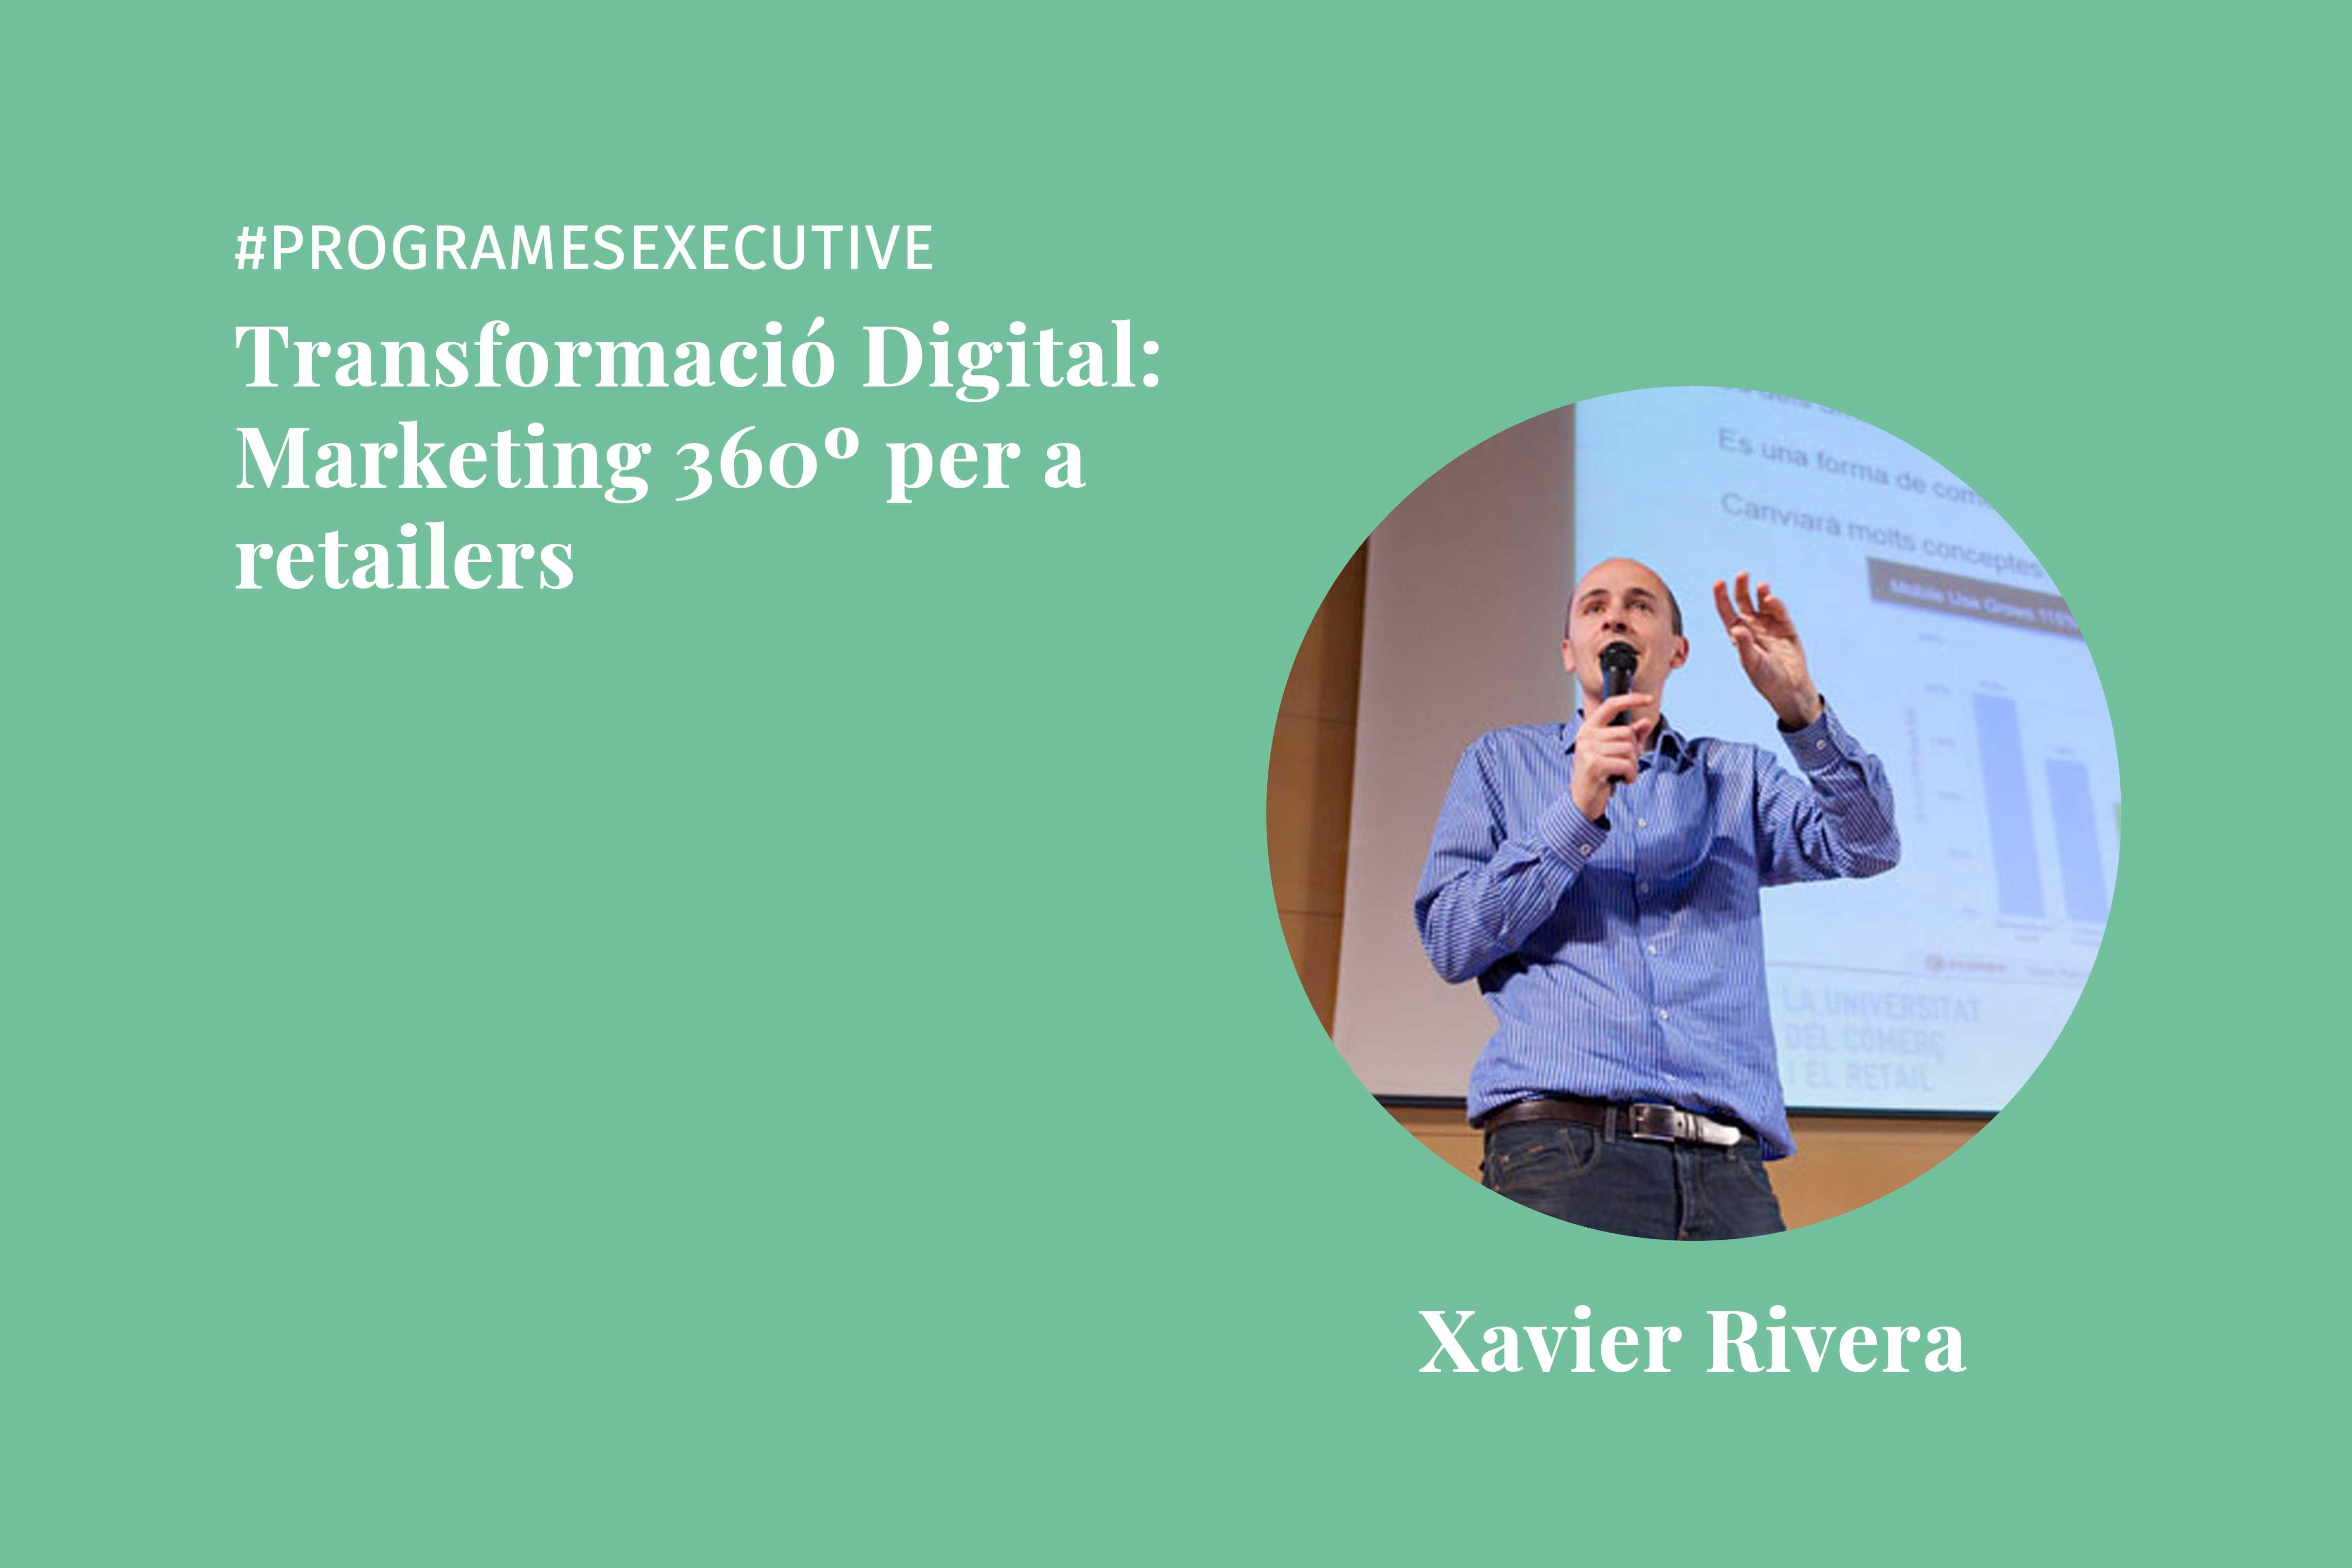 Programa-per-afrontar-la-transformació-digital